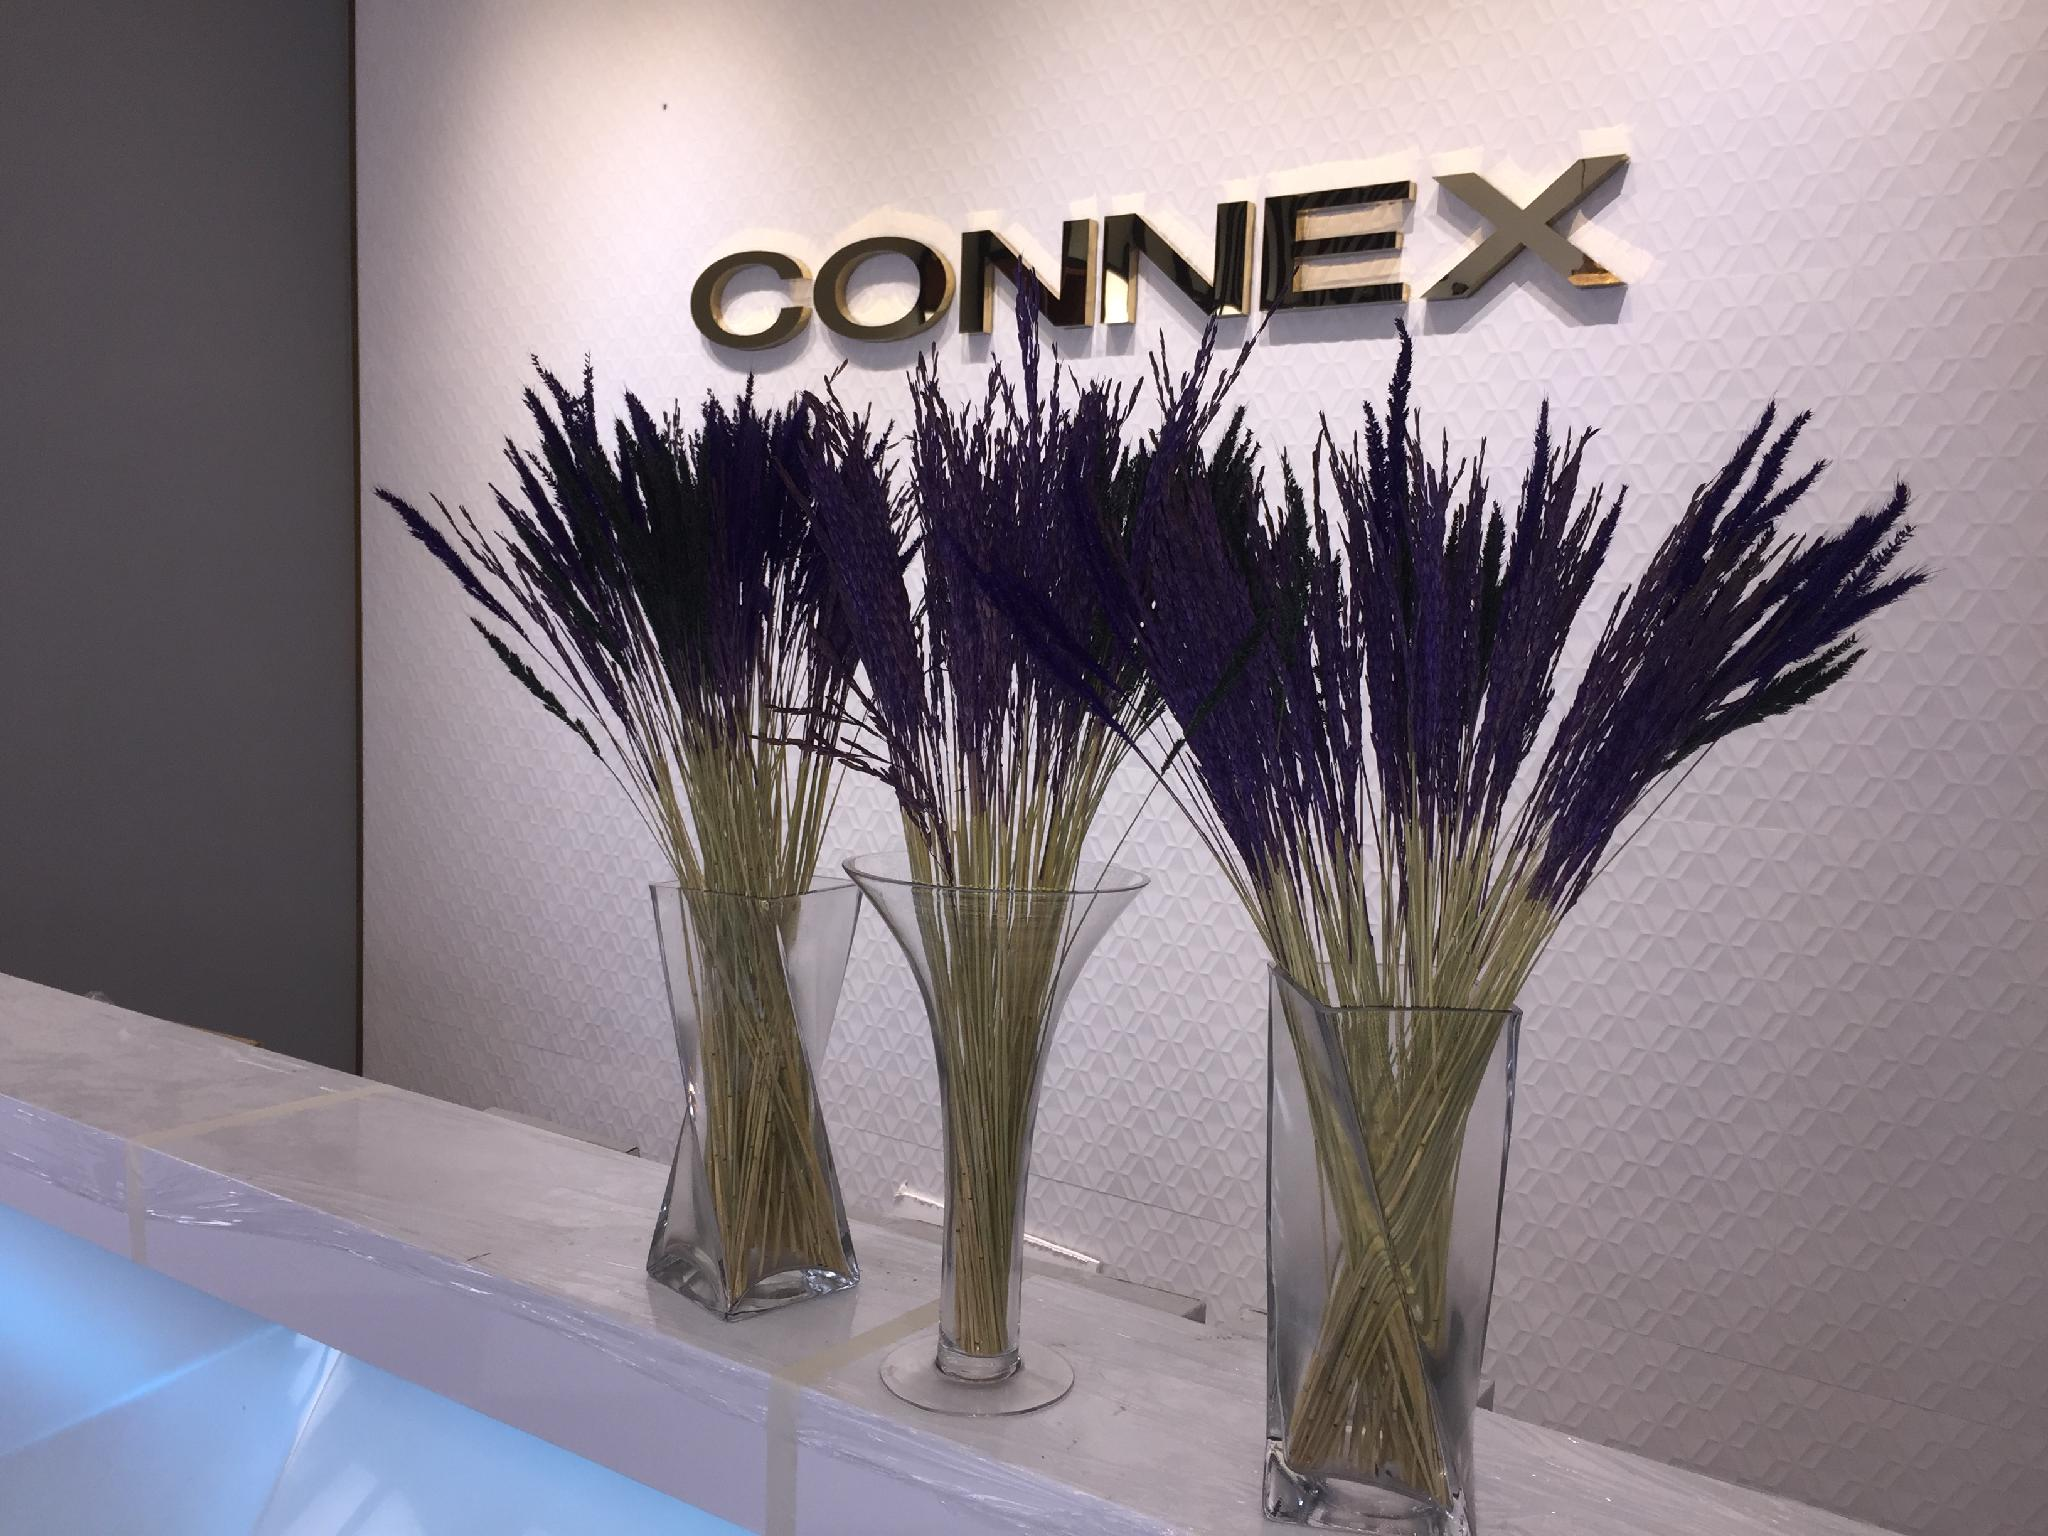 The Connex Asoke